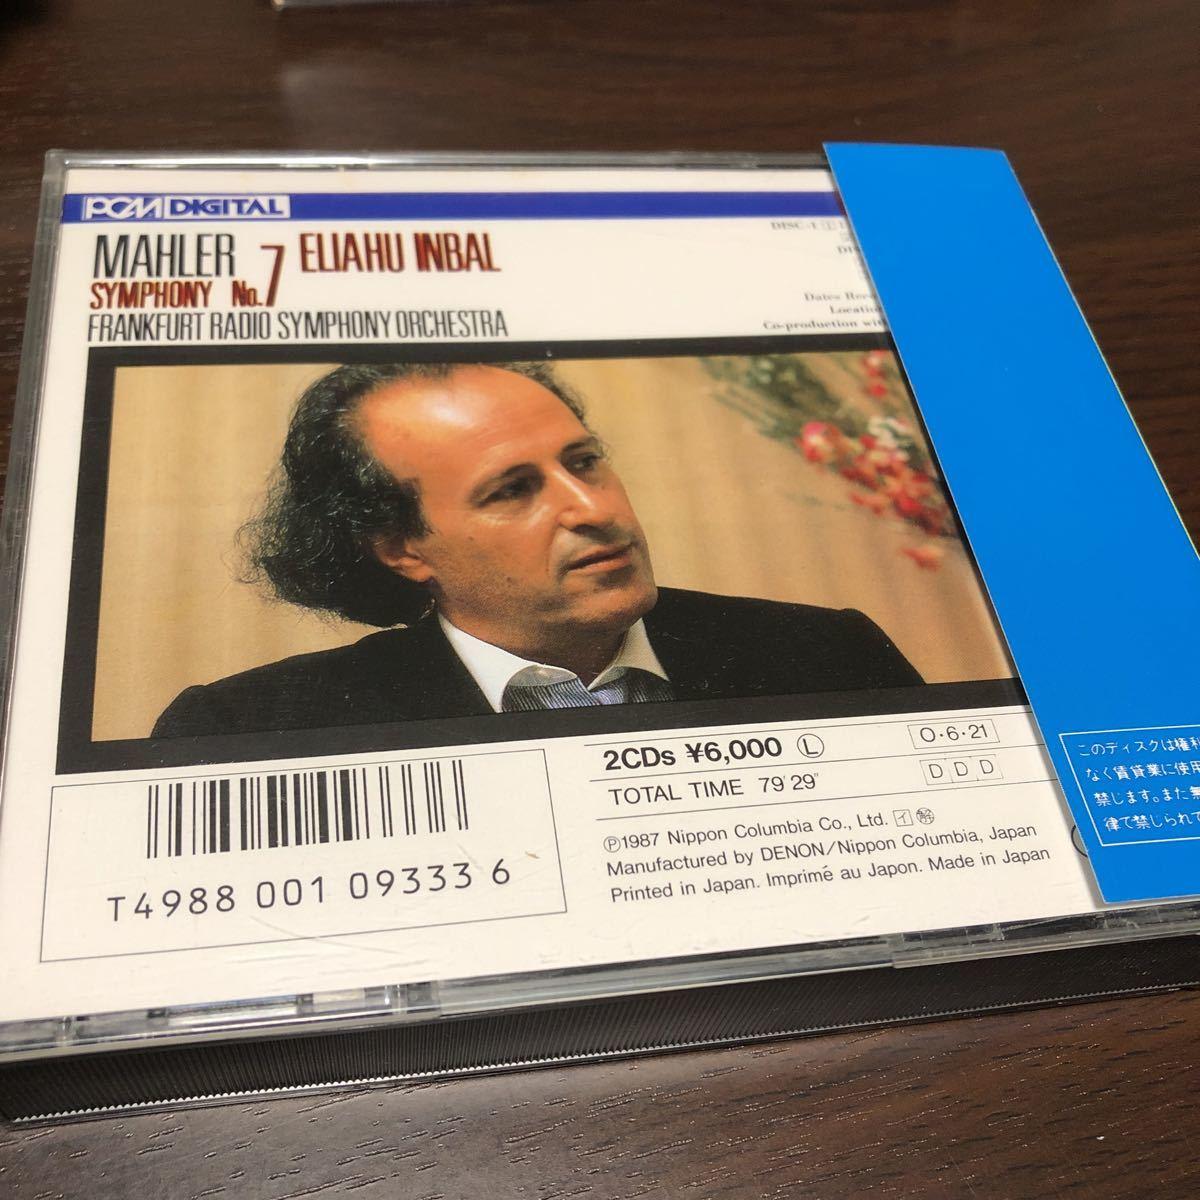 インバル/フランクフルト放送響 マーラー 交響曲第7番_画像2